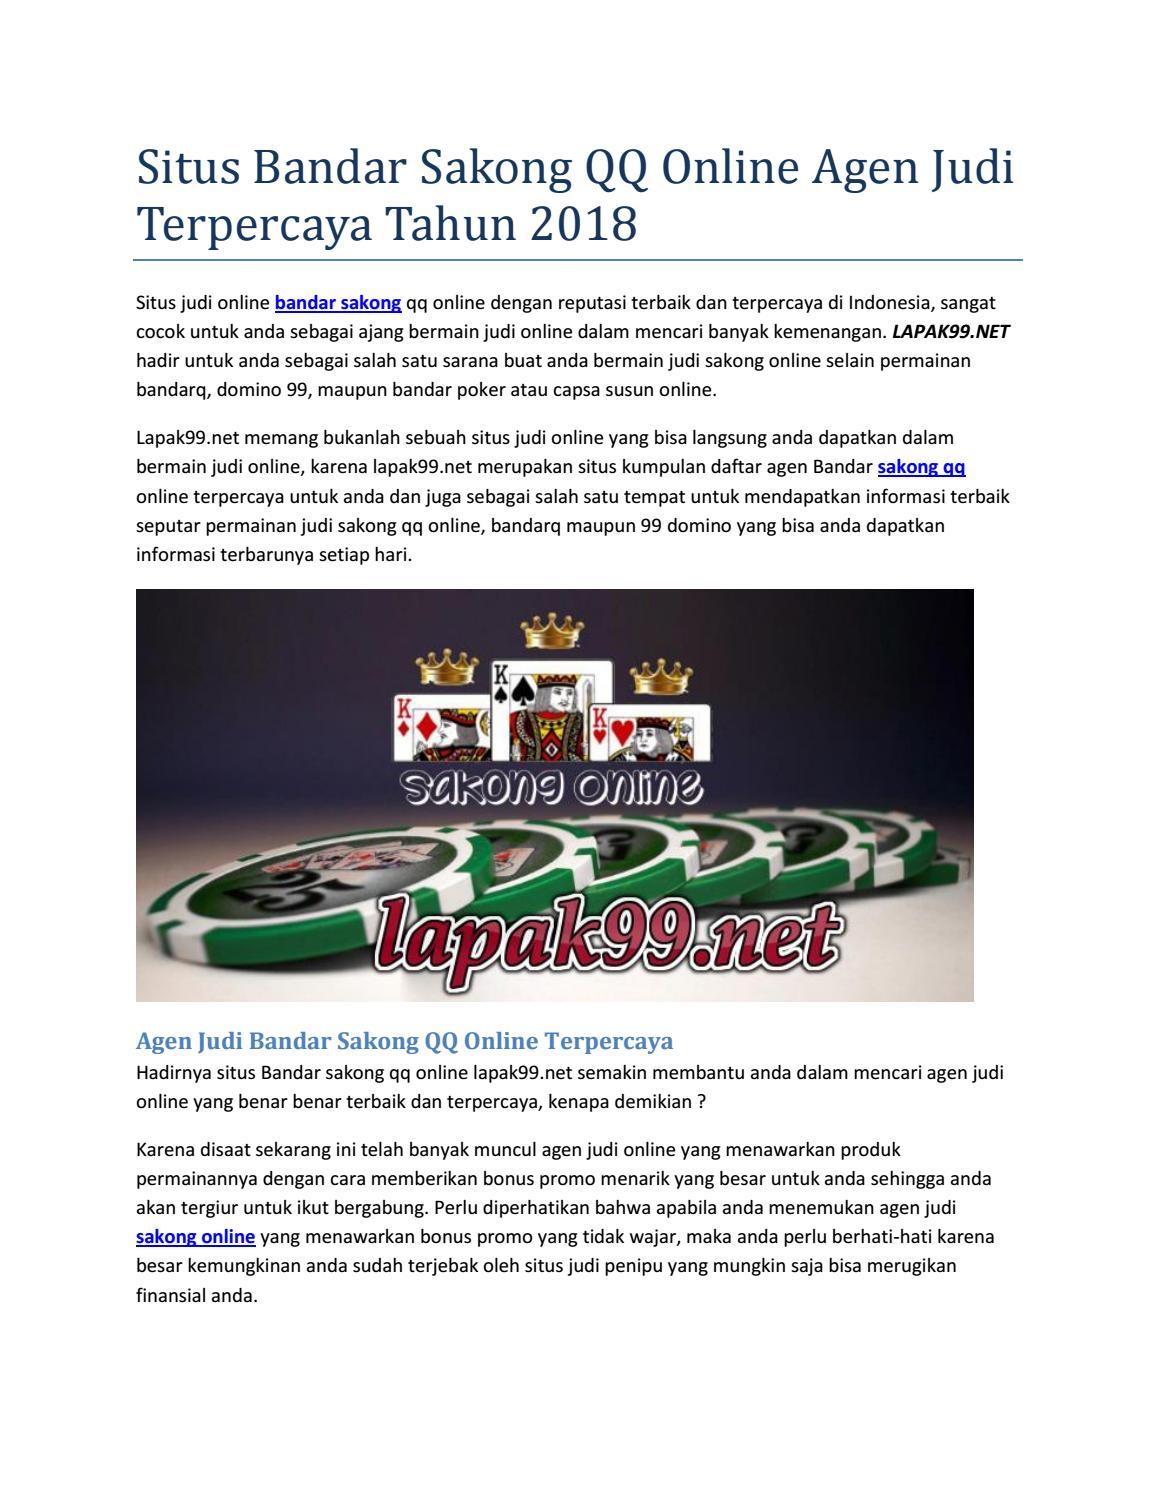 Situs Bandar Sakong Qq Online Agen Judi Terpercaya Tahun 2018 By Lapaksakong Issuu